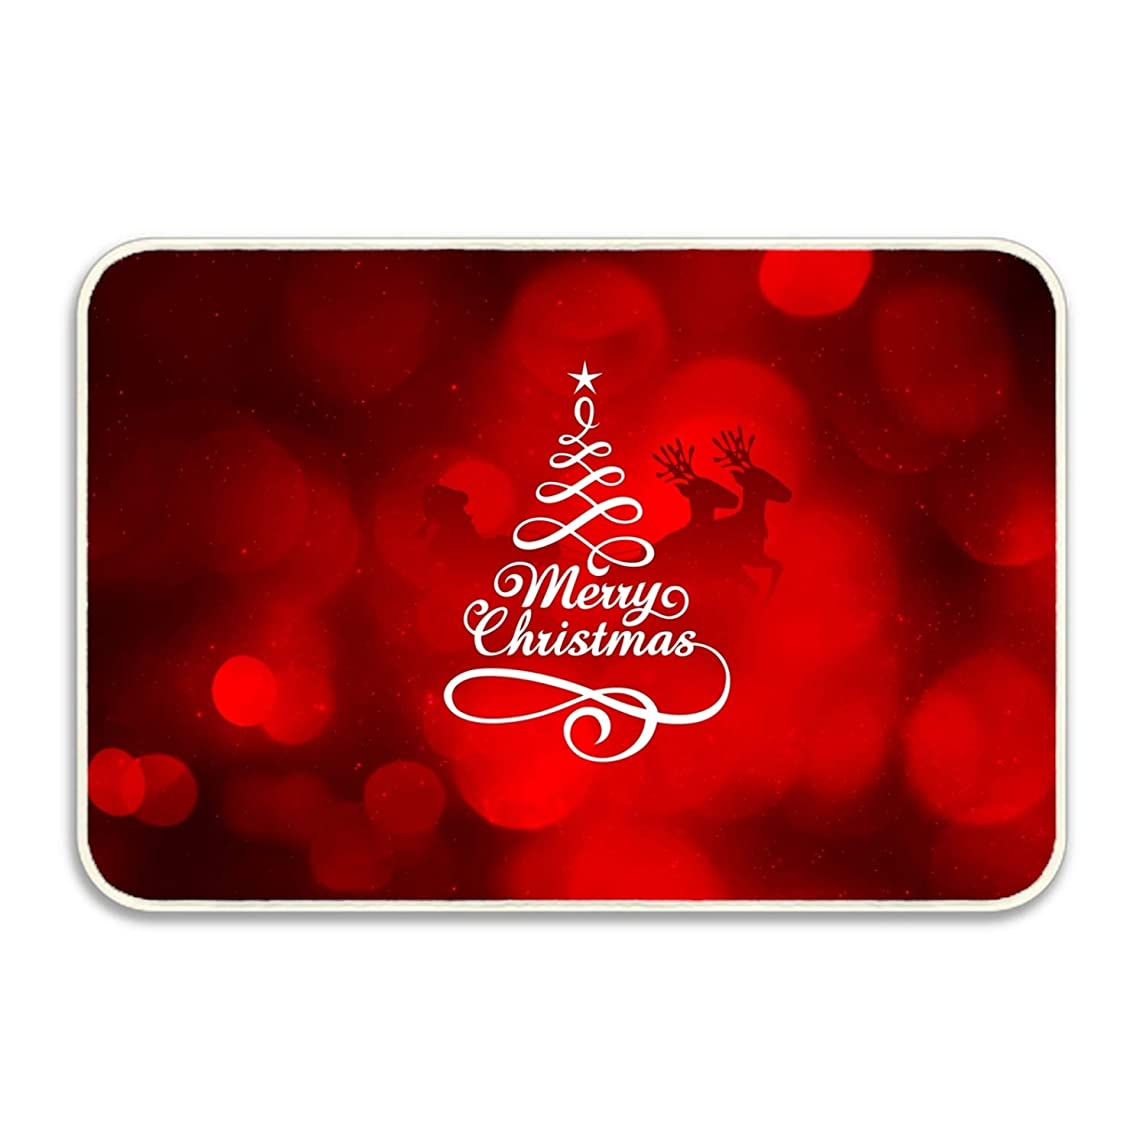 したいだらしない日曜日マット 玄関マット ふわっと優しい踏み心地のアウトドアマット 約40×60cm メリークリスマスNew エントランス ドア ガーデニング ガーデン おしゃれ かわいい 土間 泥落とし ナチュラル 外 屋外 フロッグ